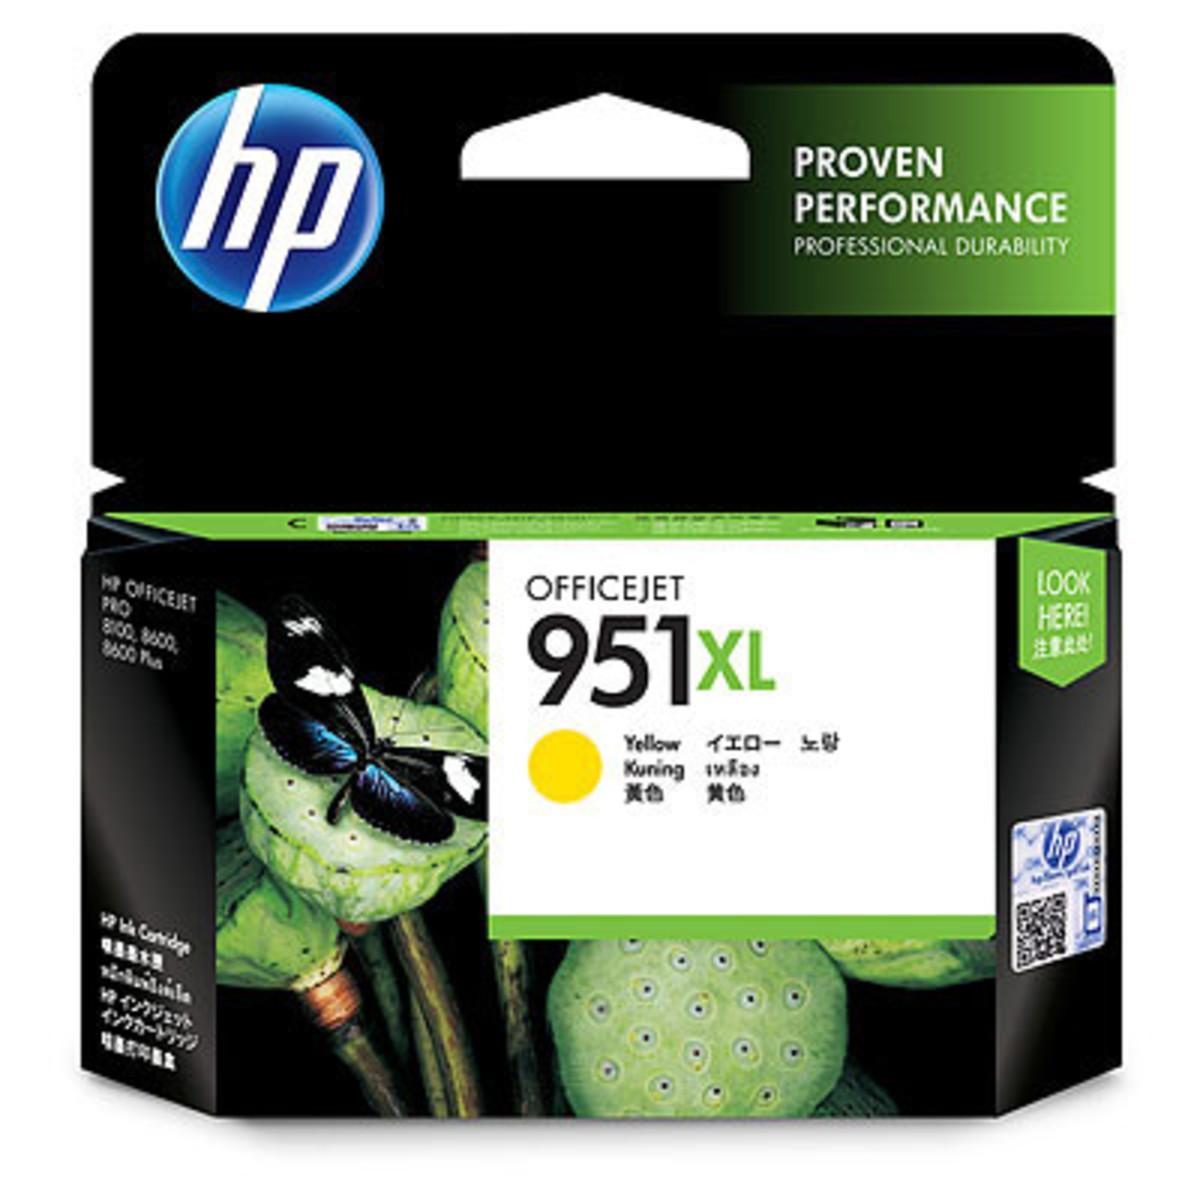 HP 951XL (CN048AA) Yellow Ink Cartridge - High Yield